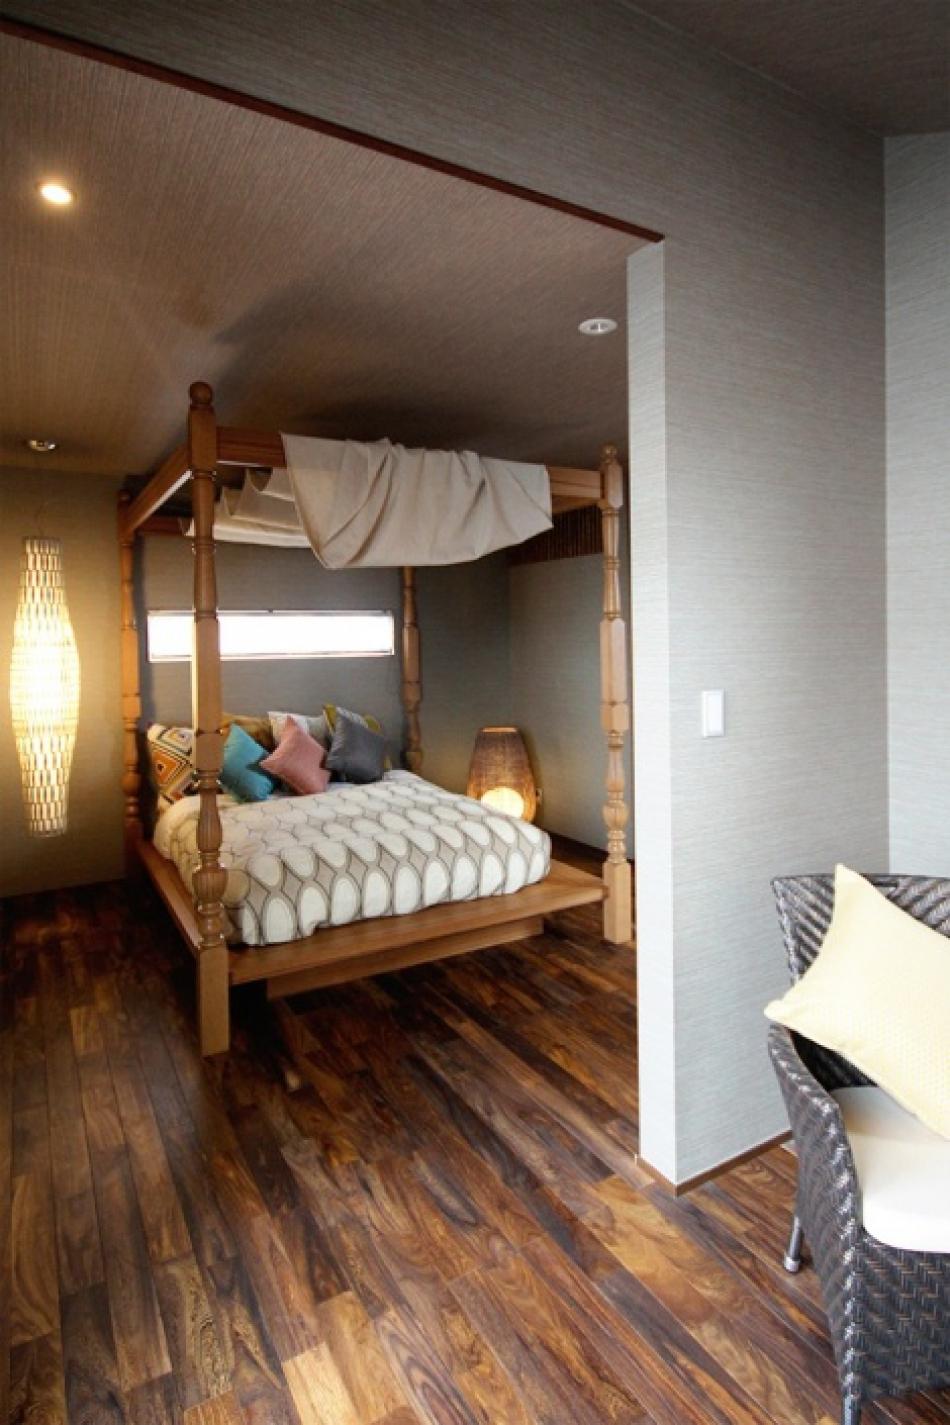 アジアのリゾートホテルのような寝室